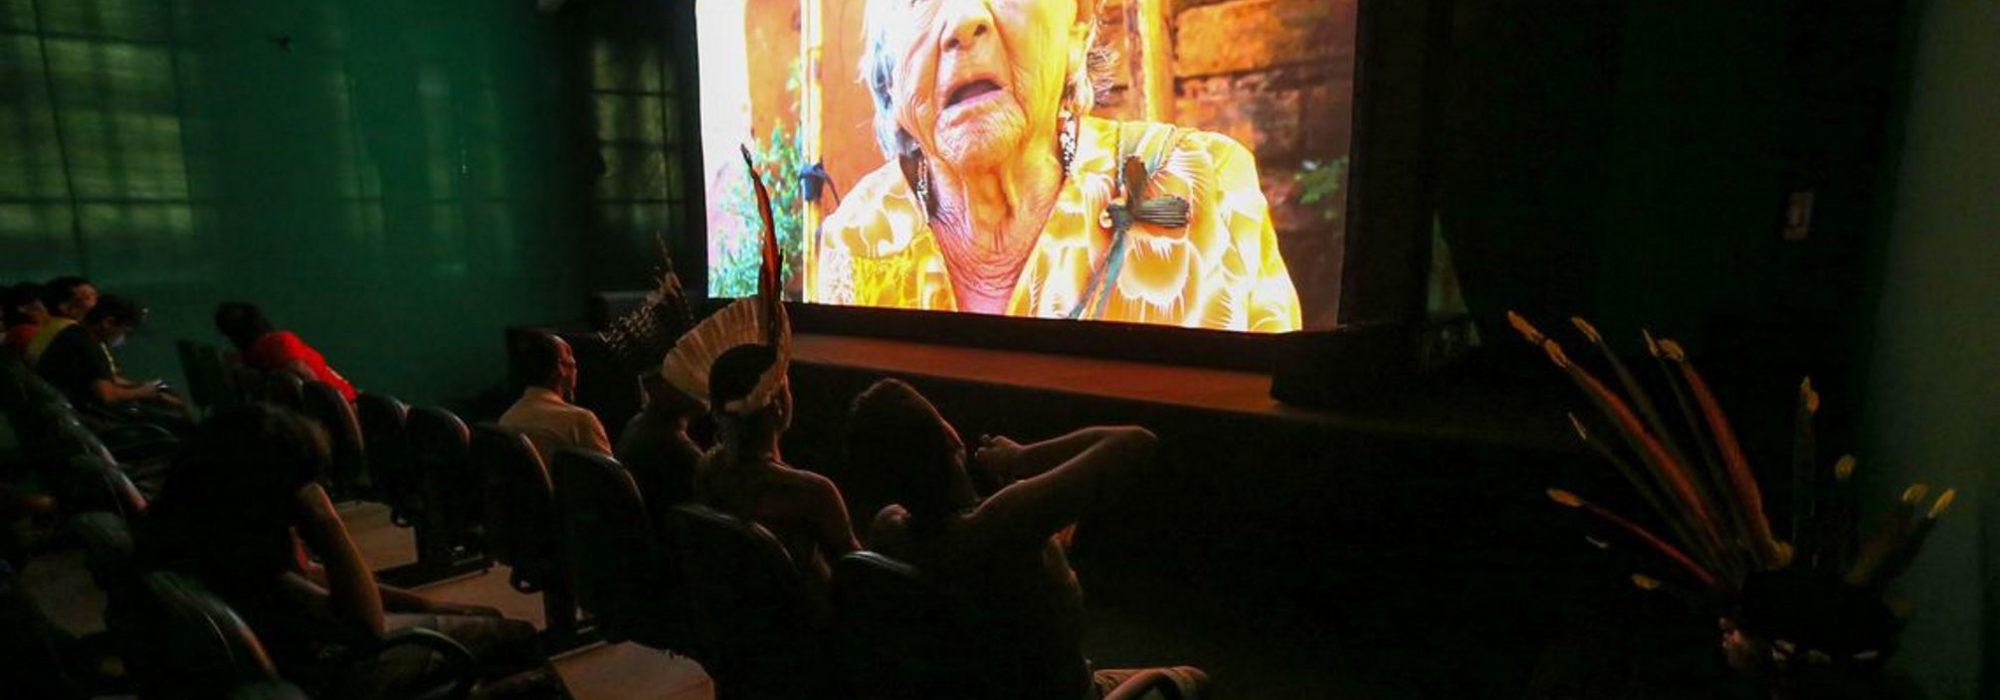 Foto: Mostra Cinema Povos do Cerrado no Fica 2018 (Agência Brasil)